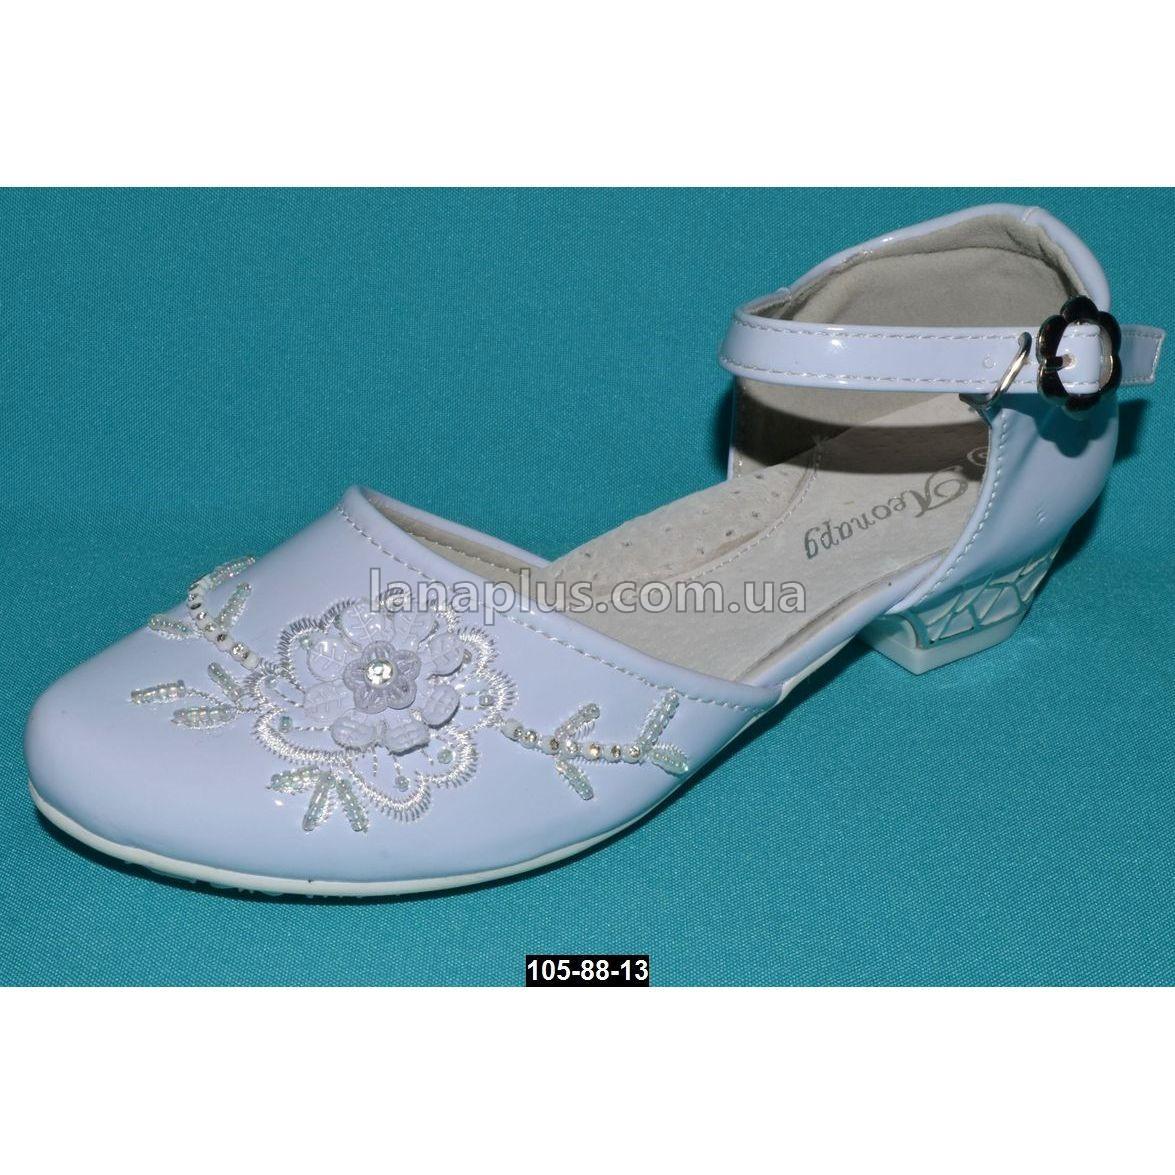 Нарядные туфли для девочки 33 размер (20.7 см), праздничные туфельки на каблучке